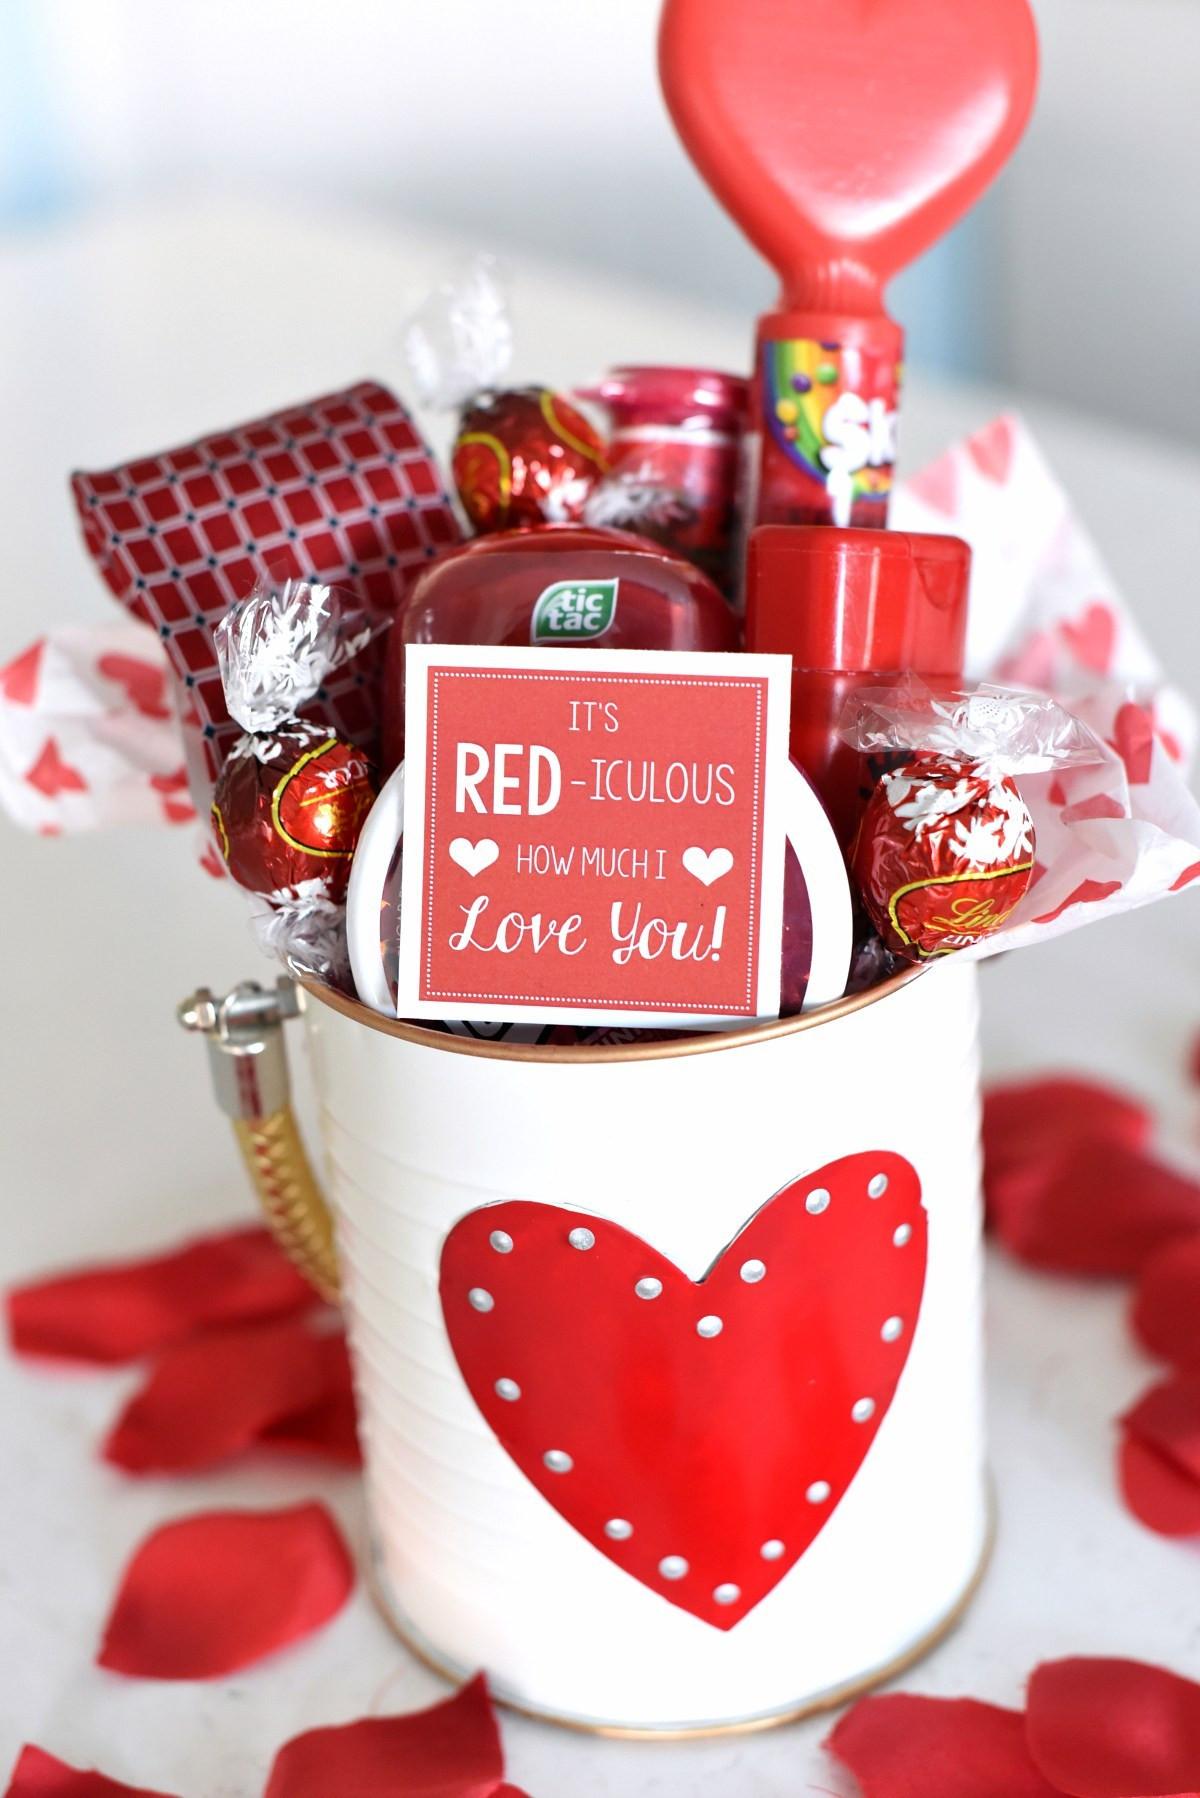 Valentines Day Gift Ideas  25 DIY Valentine s Day Gift Ideas Teens Will Love